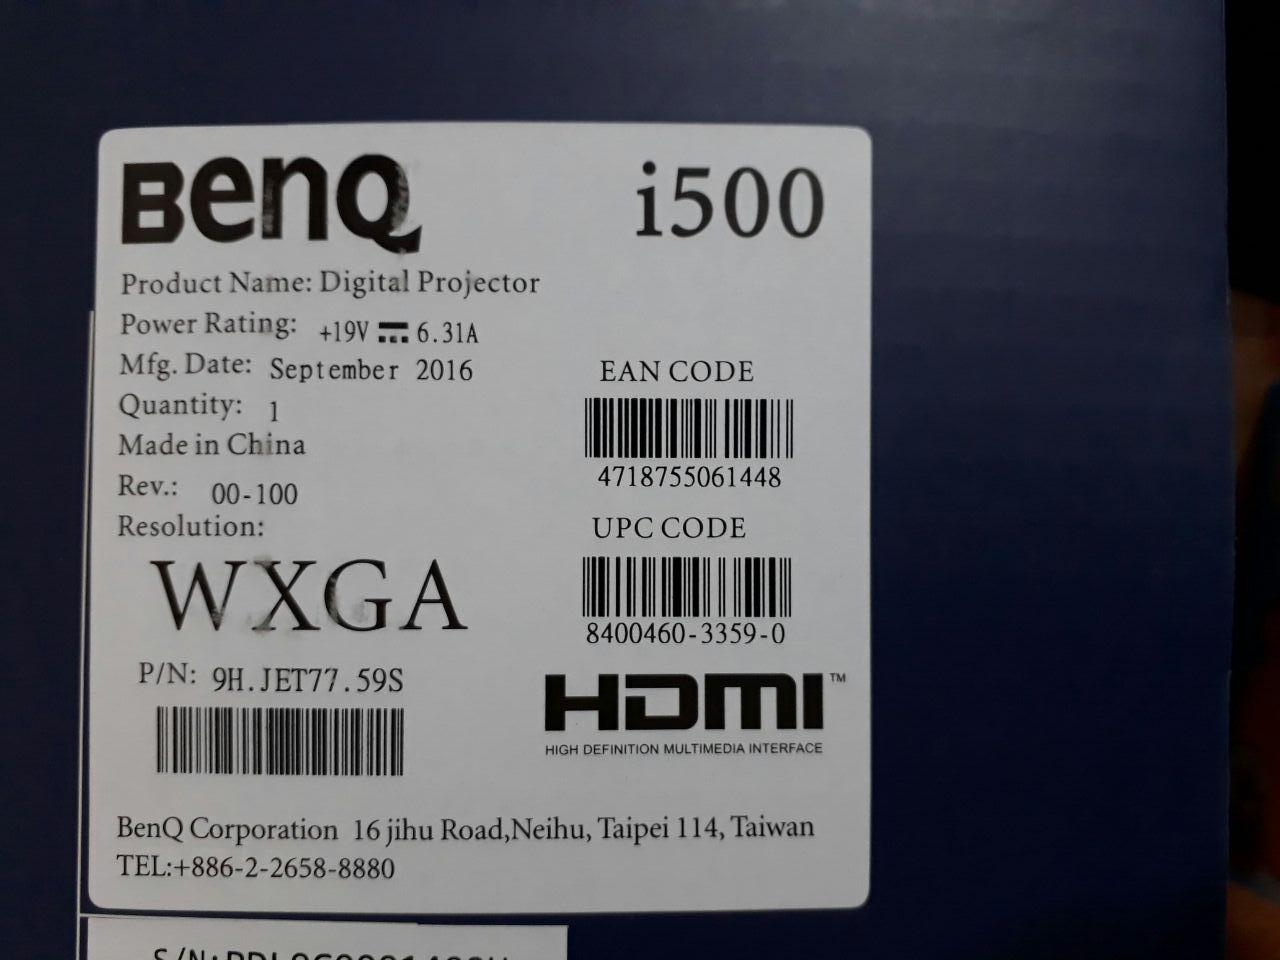 پروژکتور بنکیو مدل i500 BenQ i500 Smart Projector